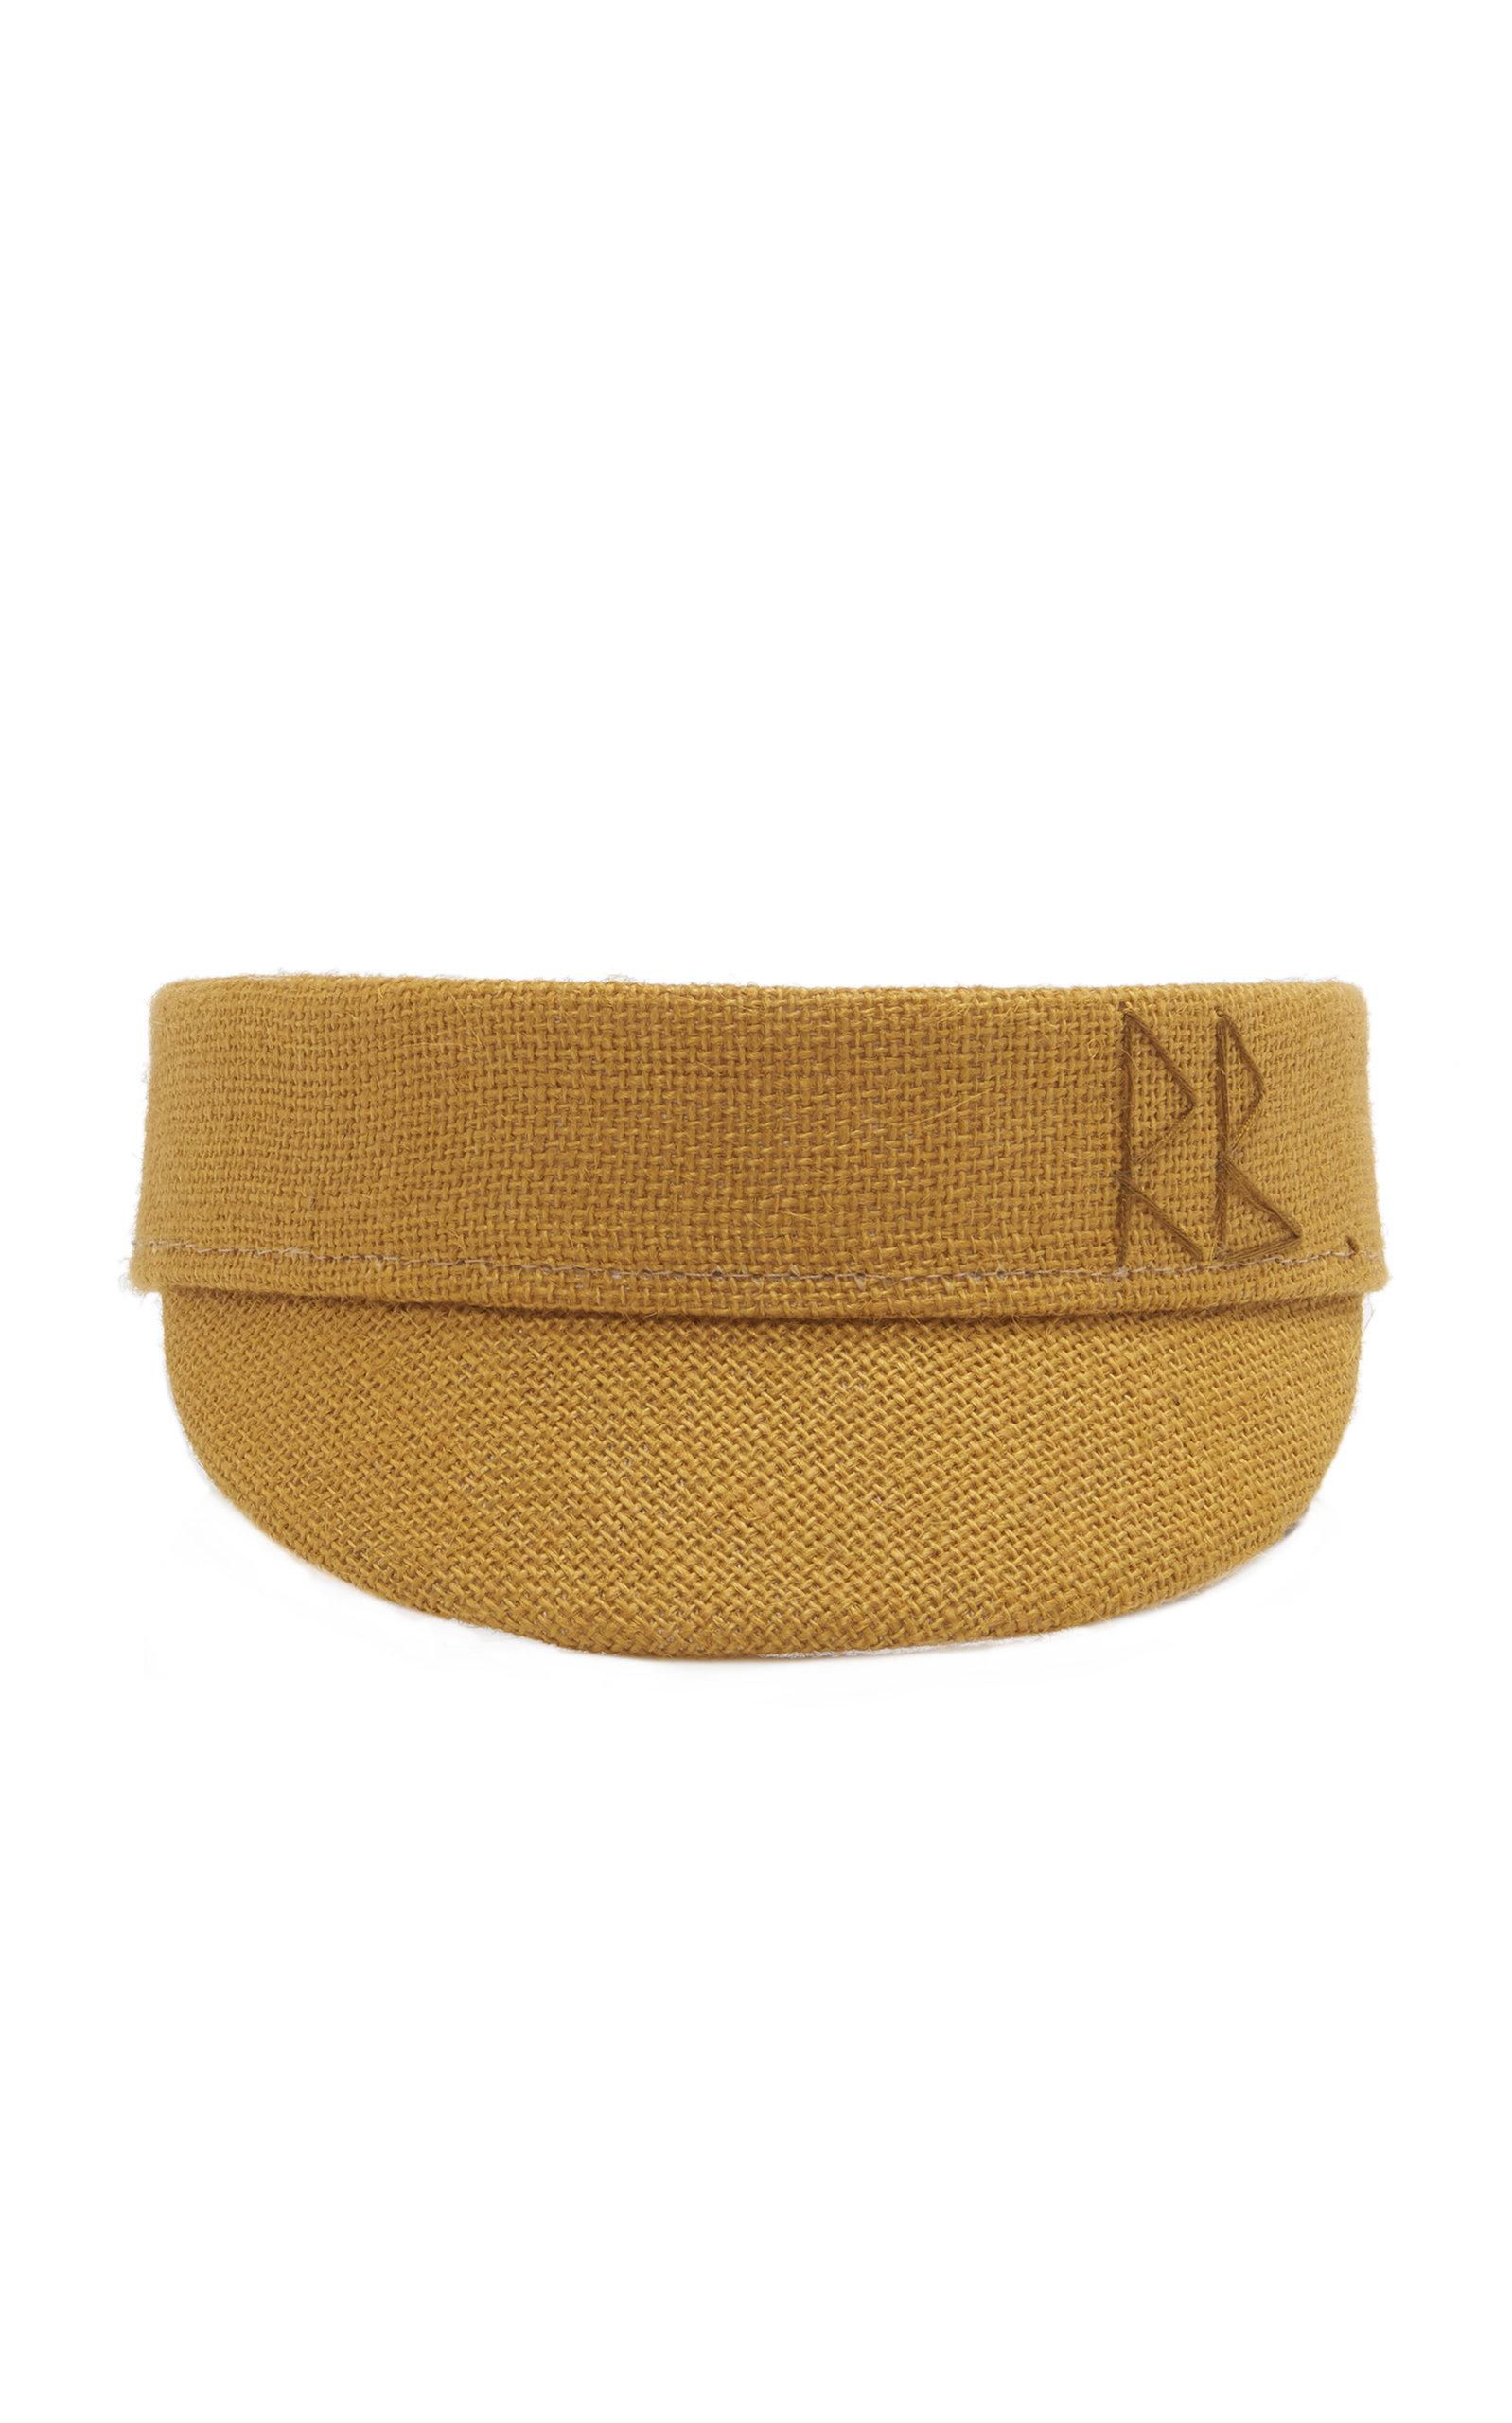 RUSLAN BAGINSKIY HATS Jute Visor in Yellow